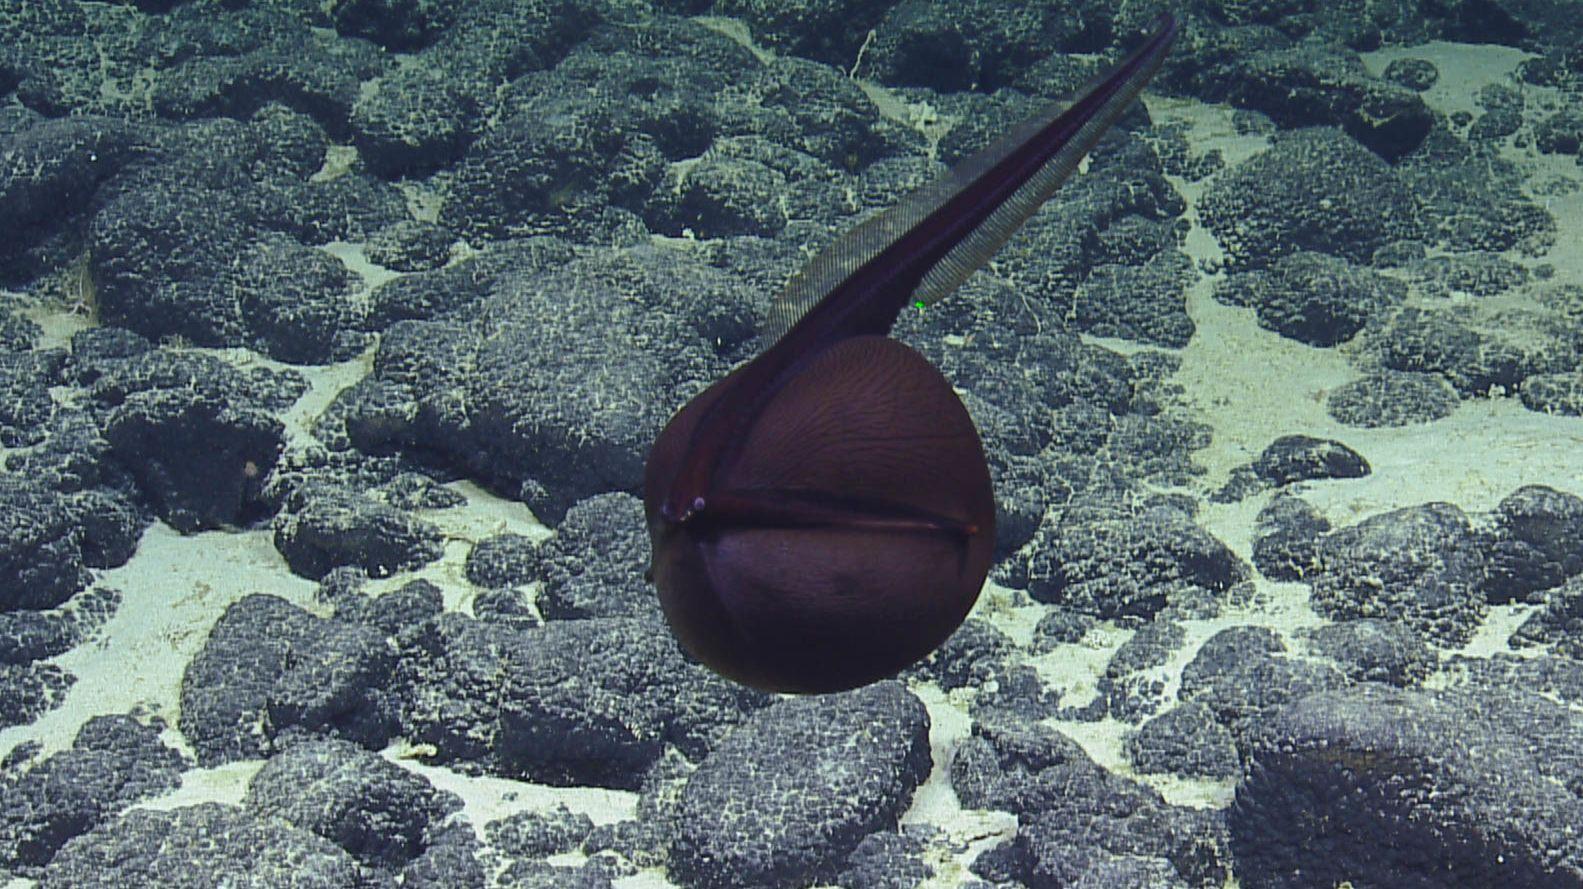 Watch a Gulper Eel Inflate Like a Terrifying Balloon - Mental Floss